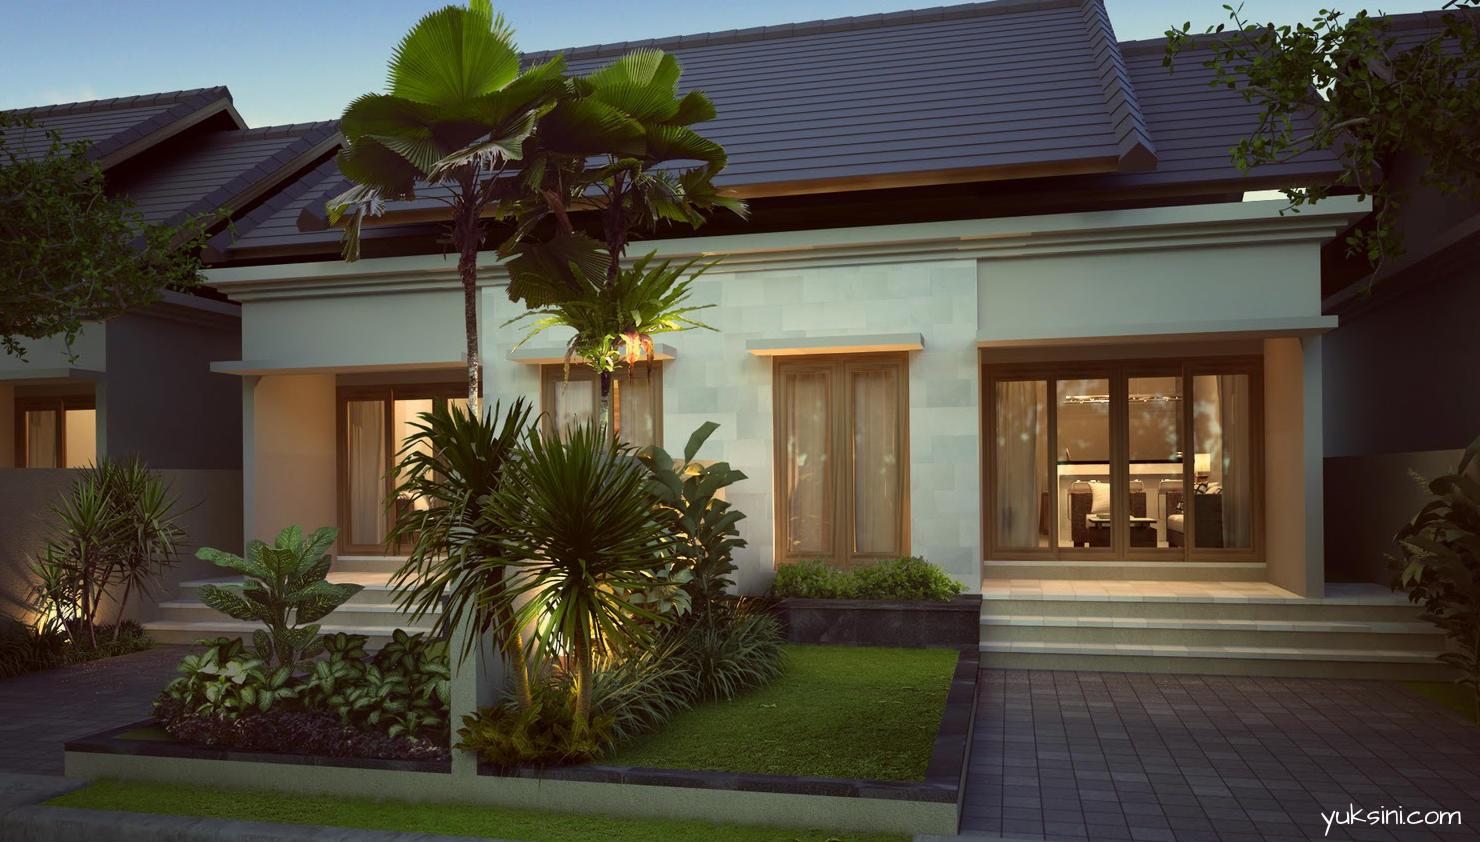 Rumah minimalis type 60 dengan taman kecil